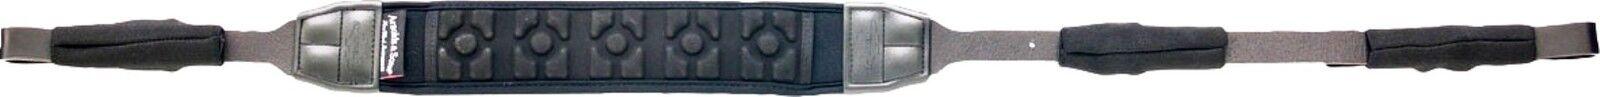 Aircell Trageriemen für Tenorhorn Bariton Tragegurt- Strap Nylon-Leder Nr. 838